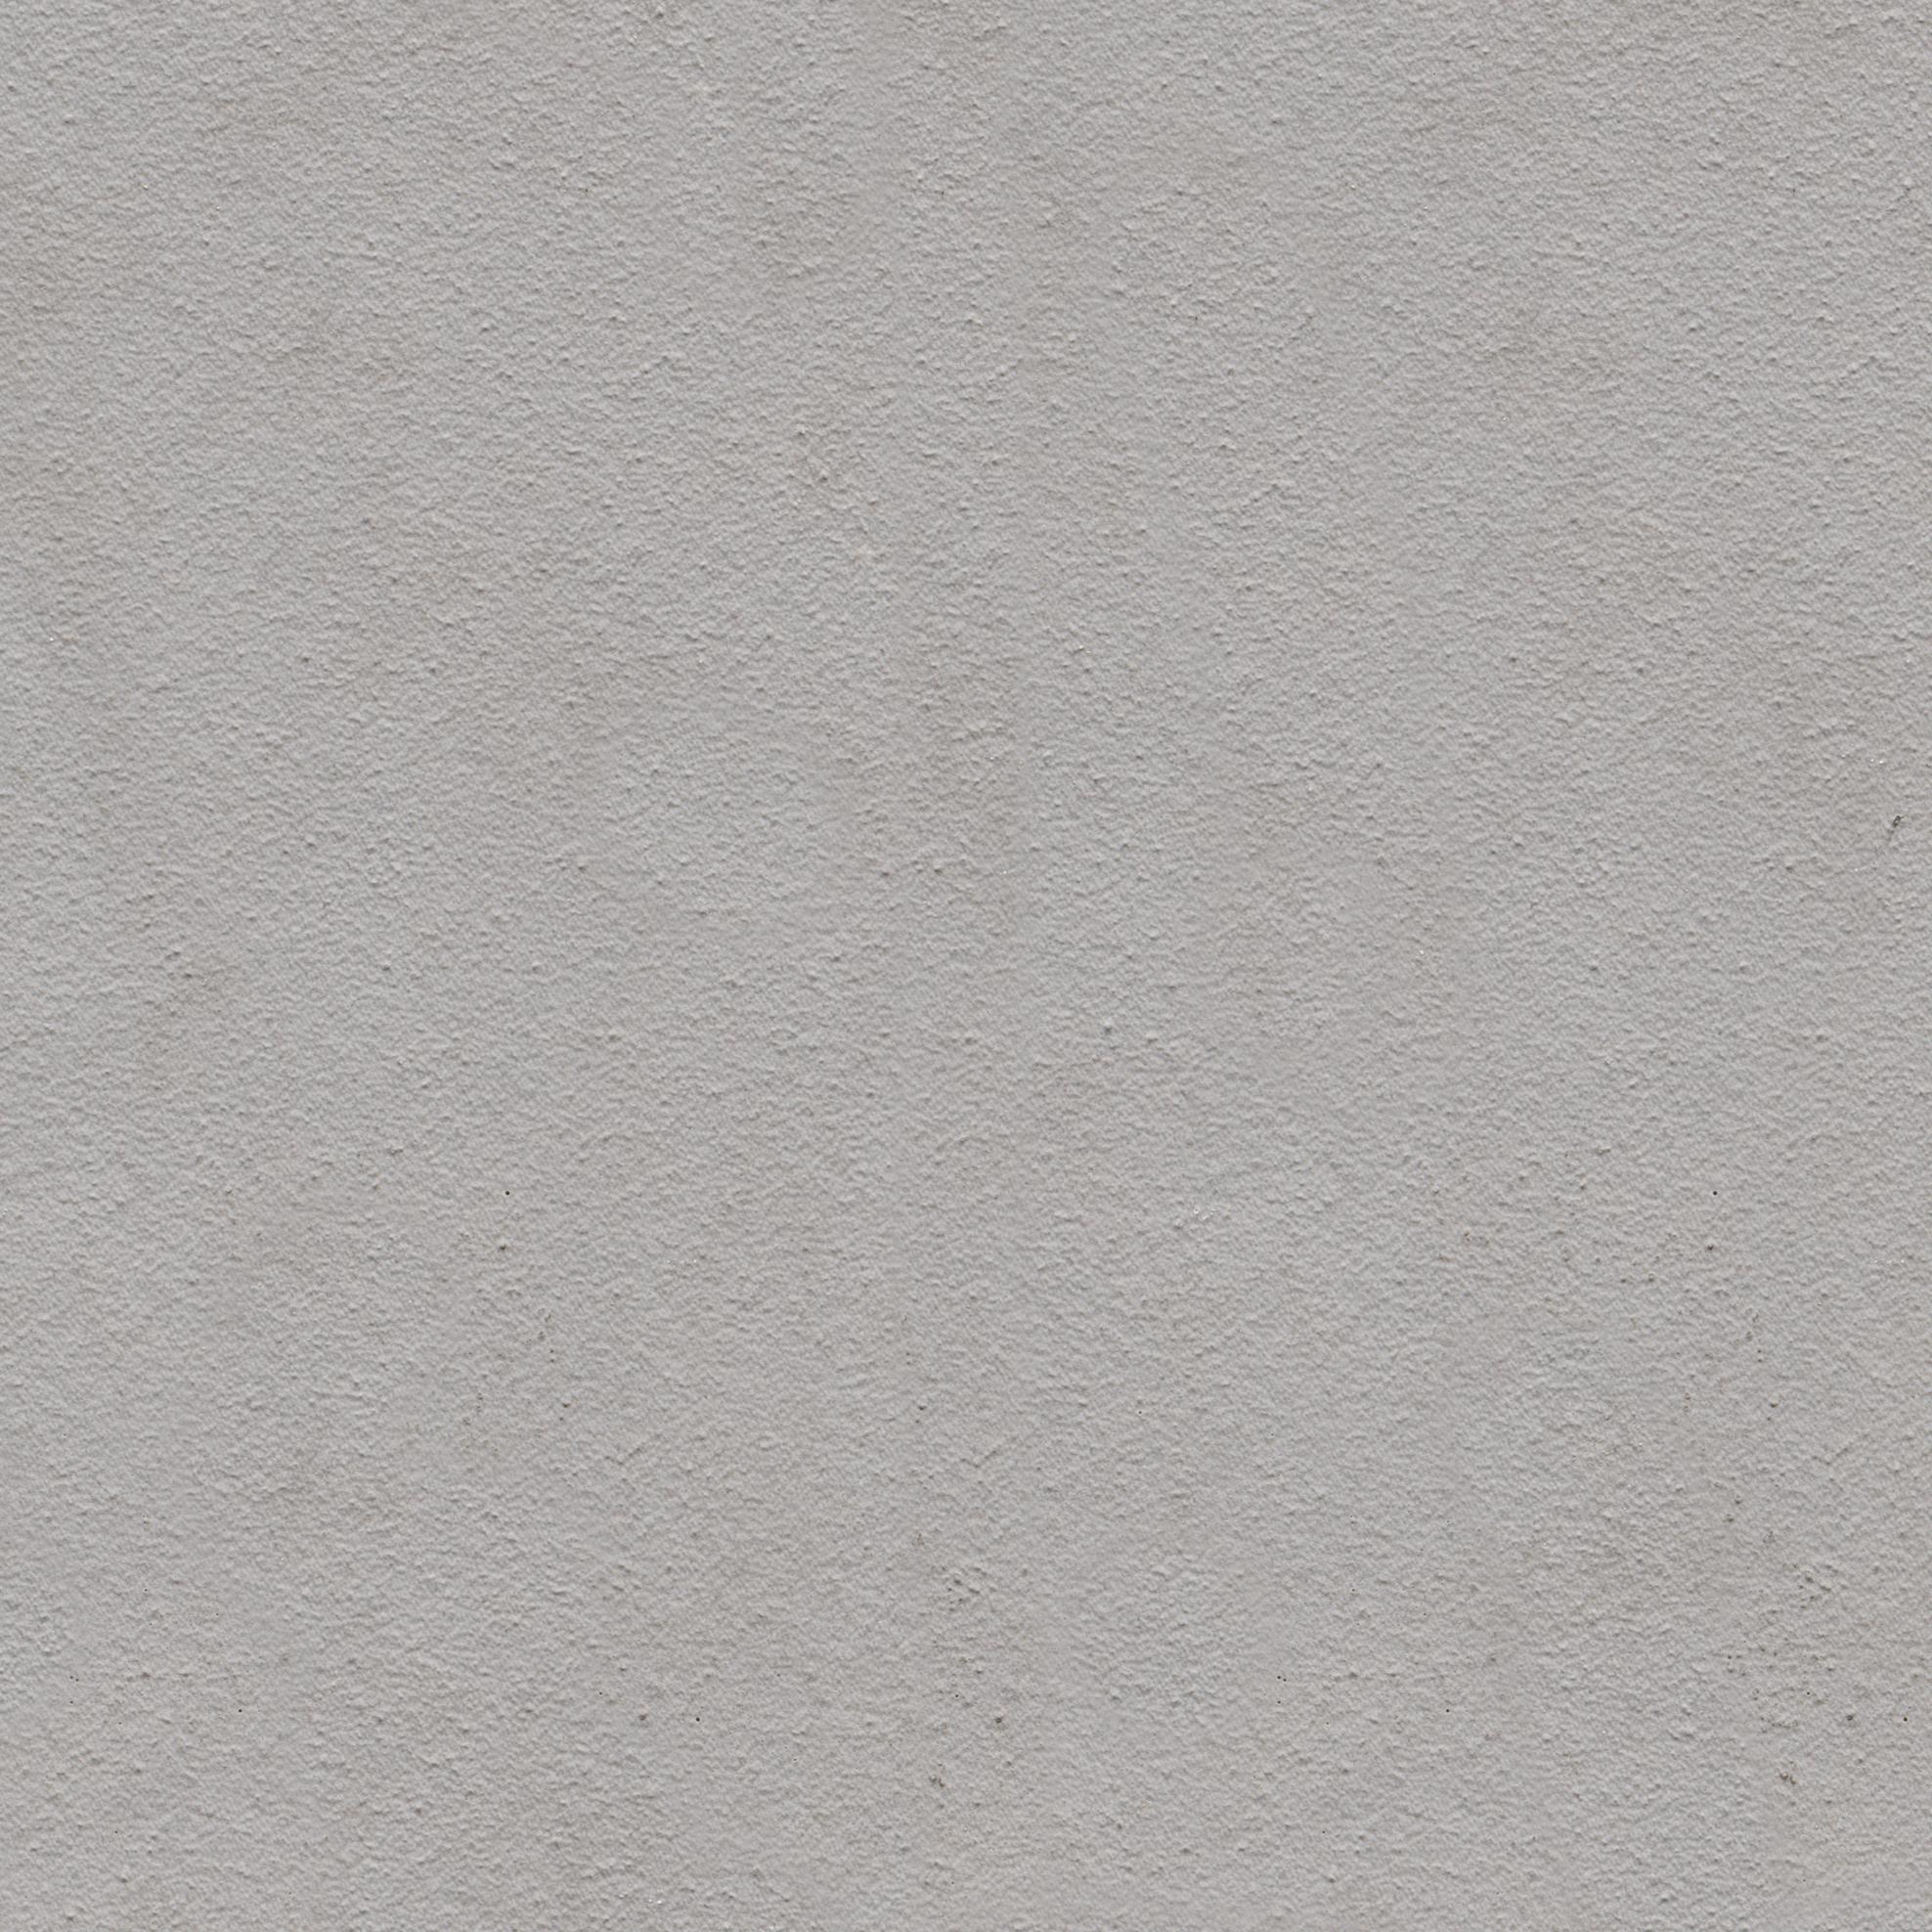 dekoline gartenm bel manufaktur produktfinder klostermann beton wir leben betonstein. Black Bedroom Furniture Sets. Home Design Ideas